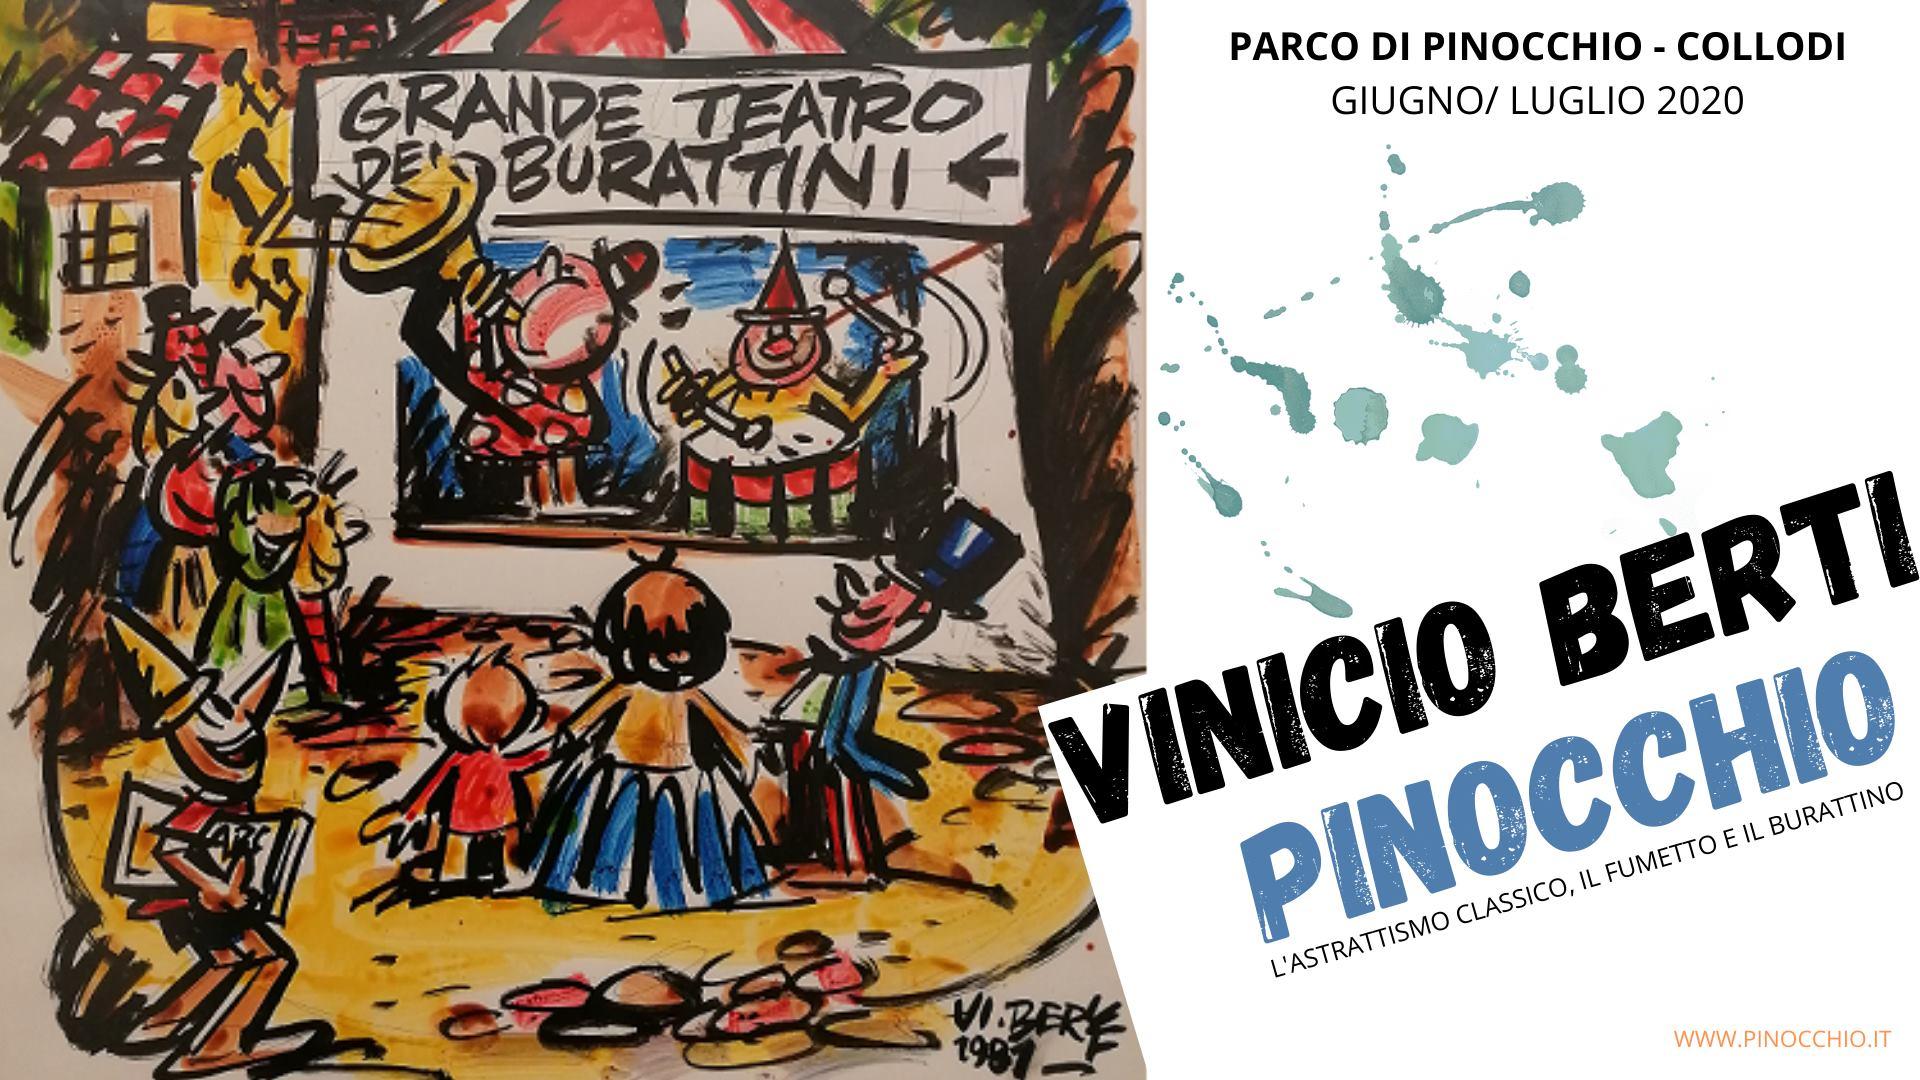 Il Pinocchio di Vinicio Berti in mostra a Collodi